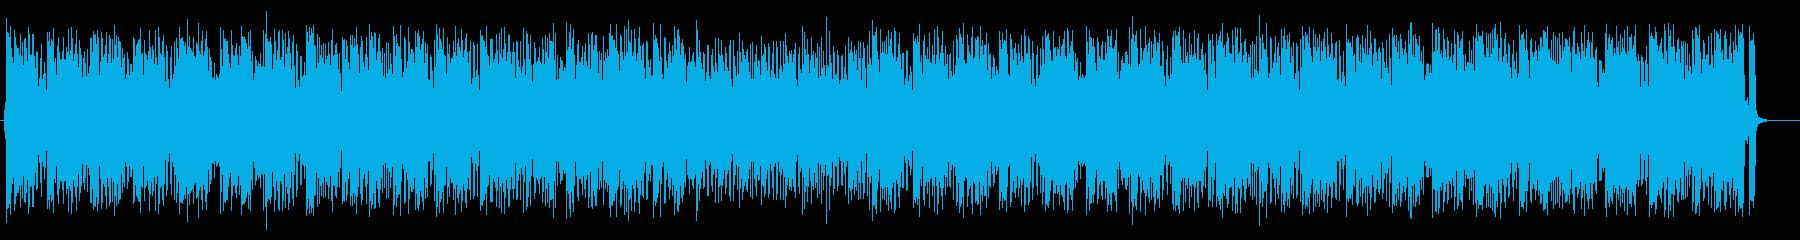 パーカッションとベースが賑やかなポップスの再生済みの波形